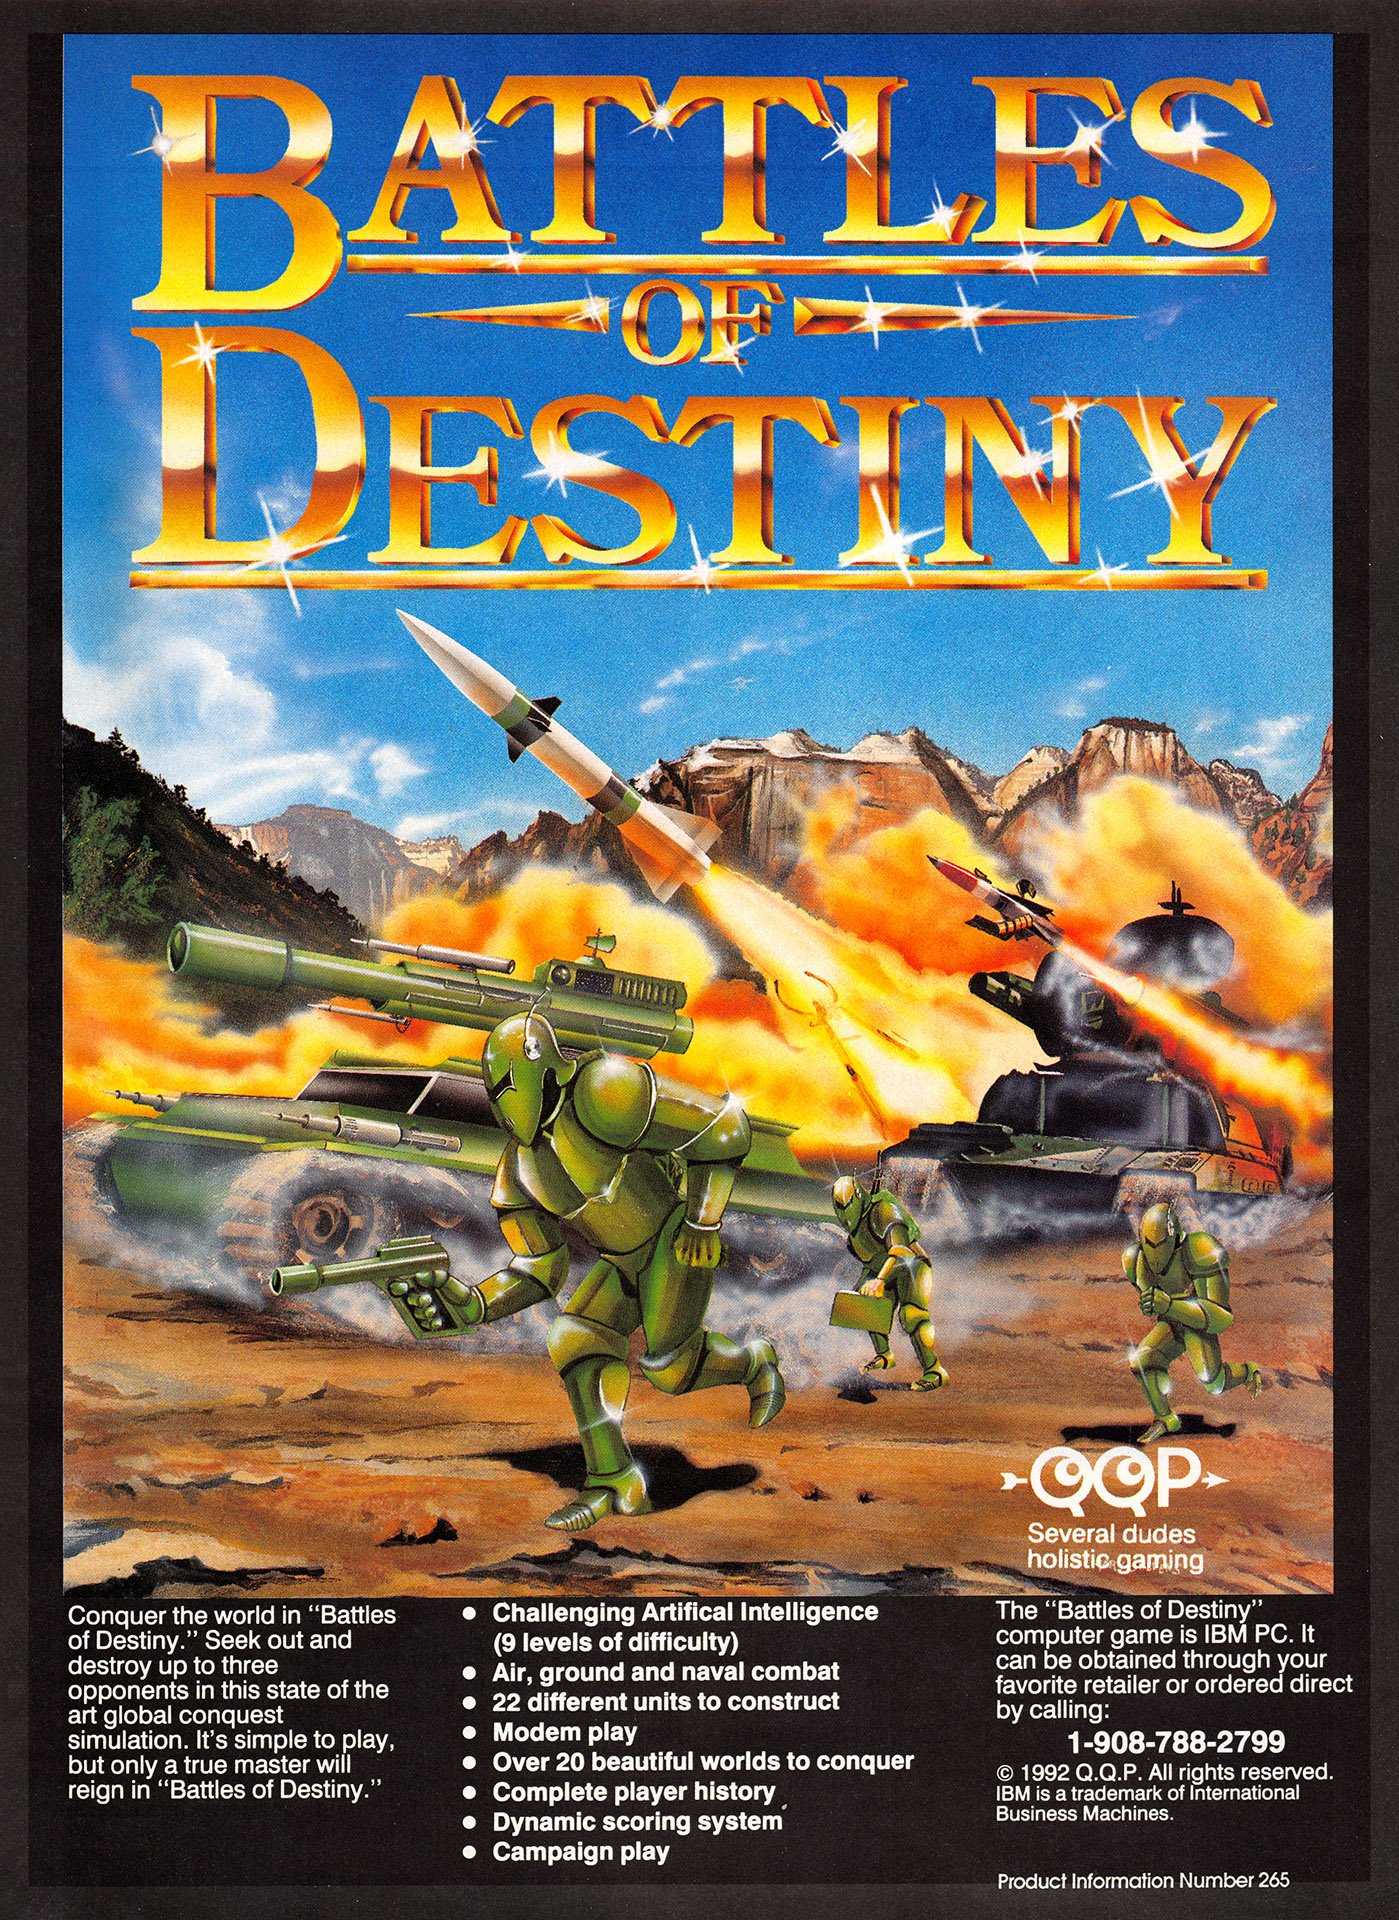 Battles of Destiny